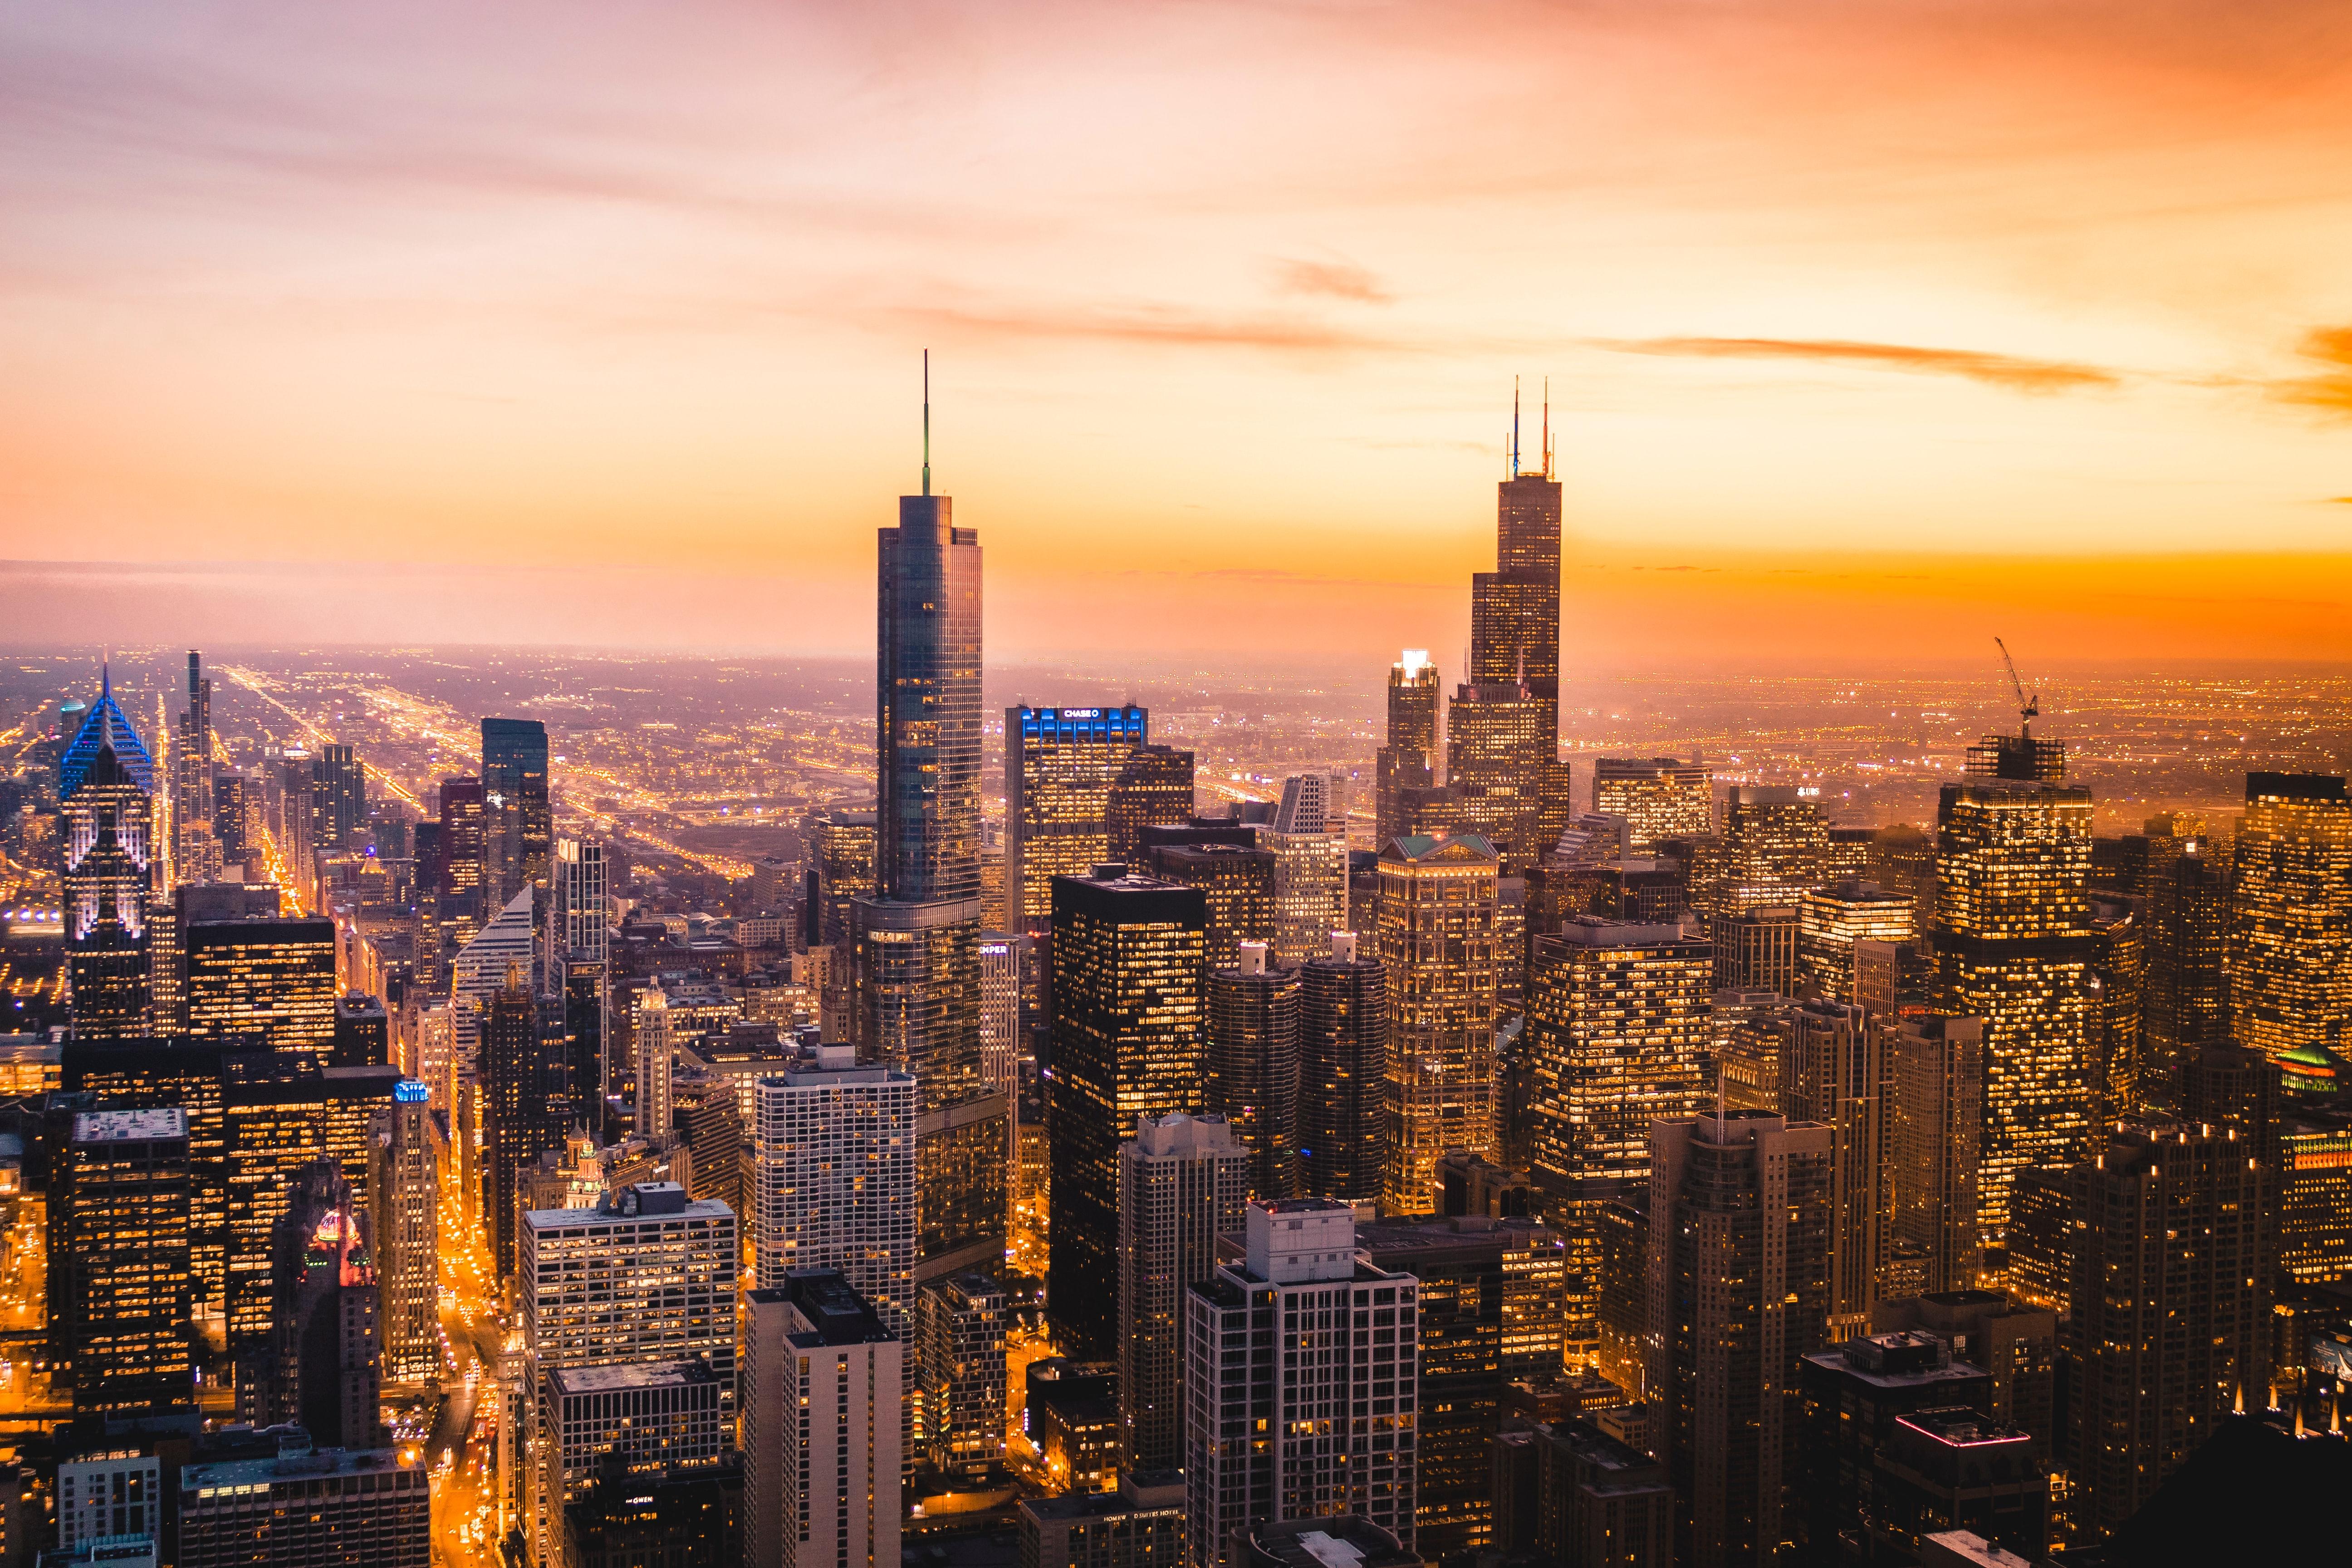 76019壁紙のダウンロード市, 都市, 建物, ライト, 高層ビル, 高 層 ビル, イブニング, 夕方, アーキテクチャ-スクリーンセーバーと写真を無料で